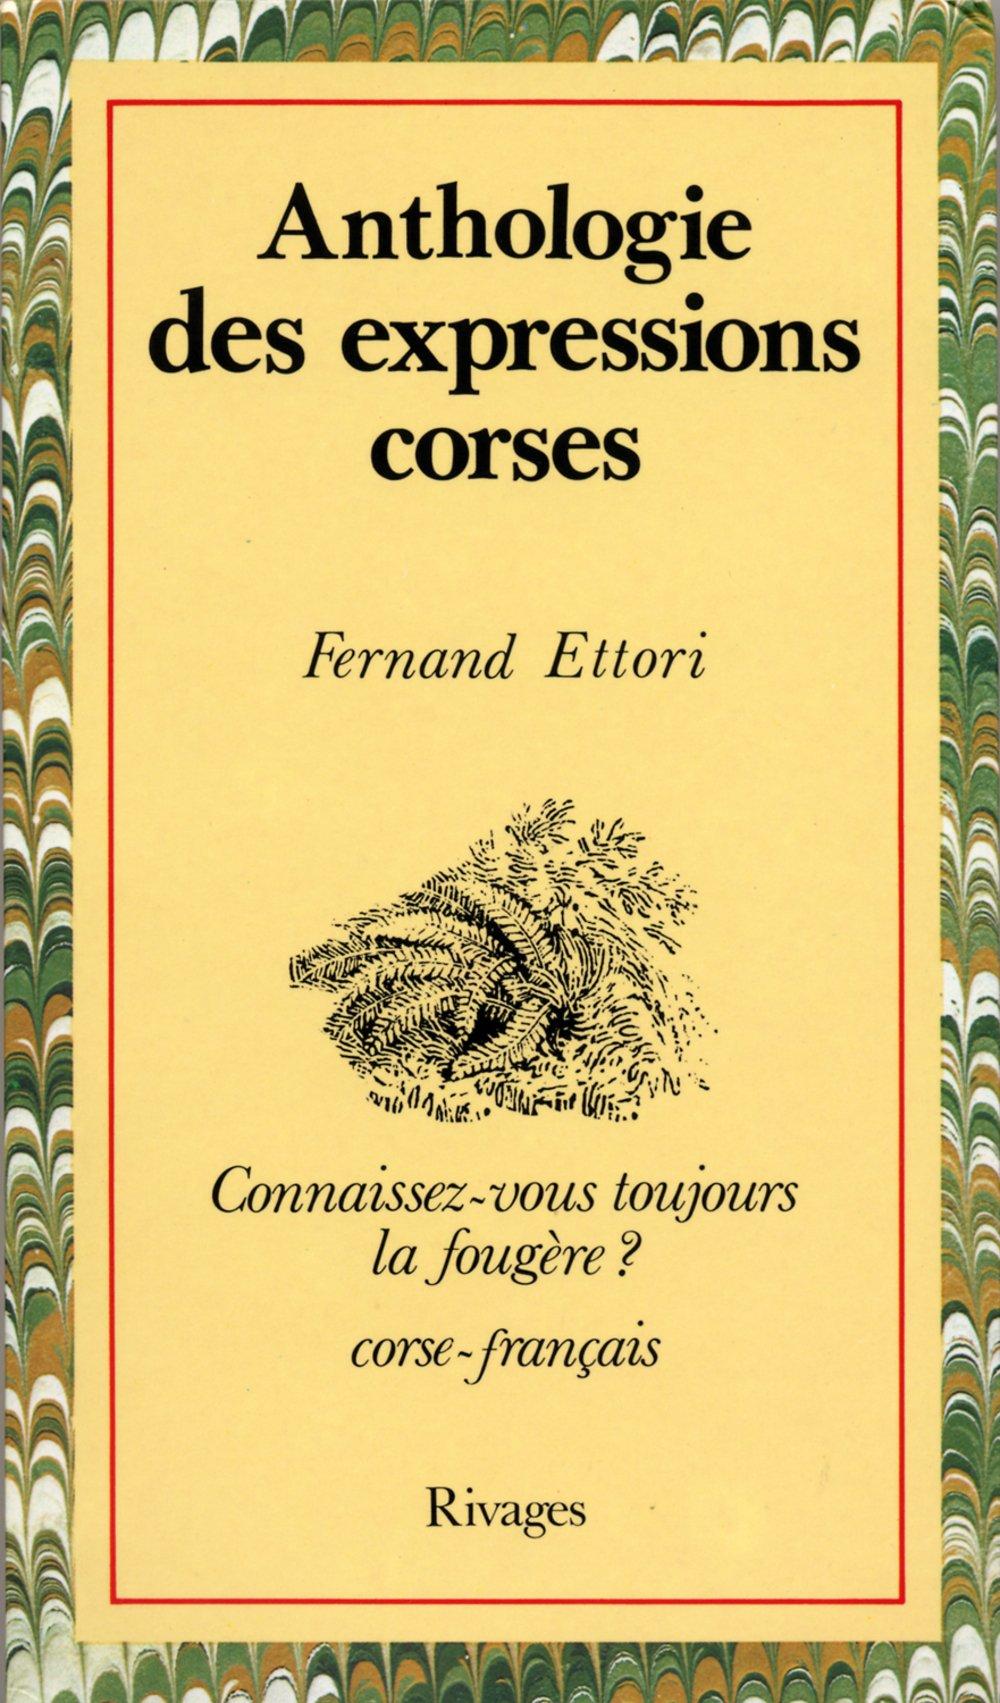 Bastia : hommage à Fernand Ettori